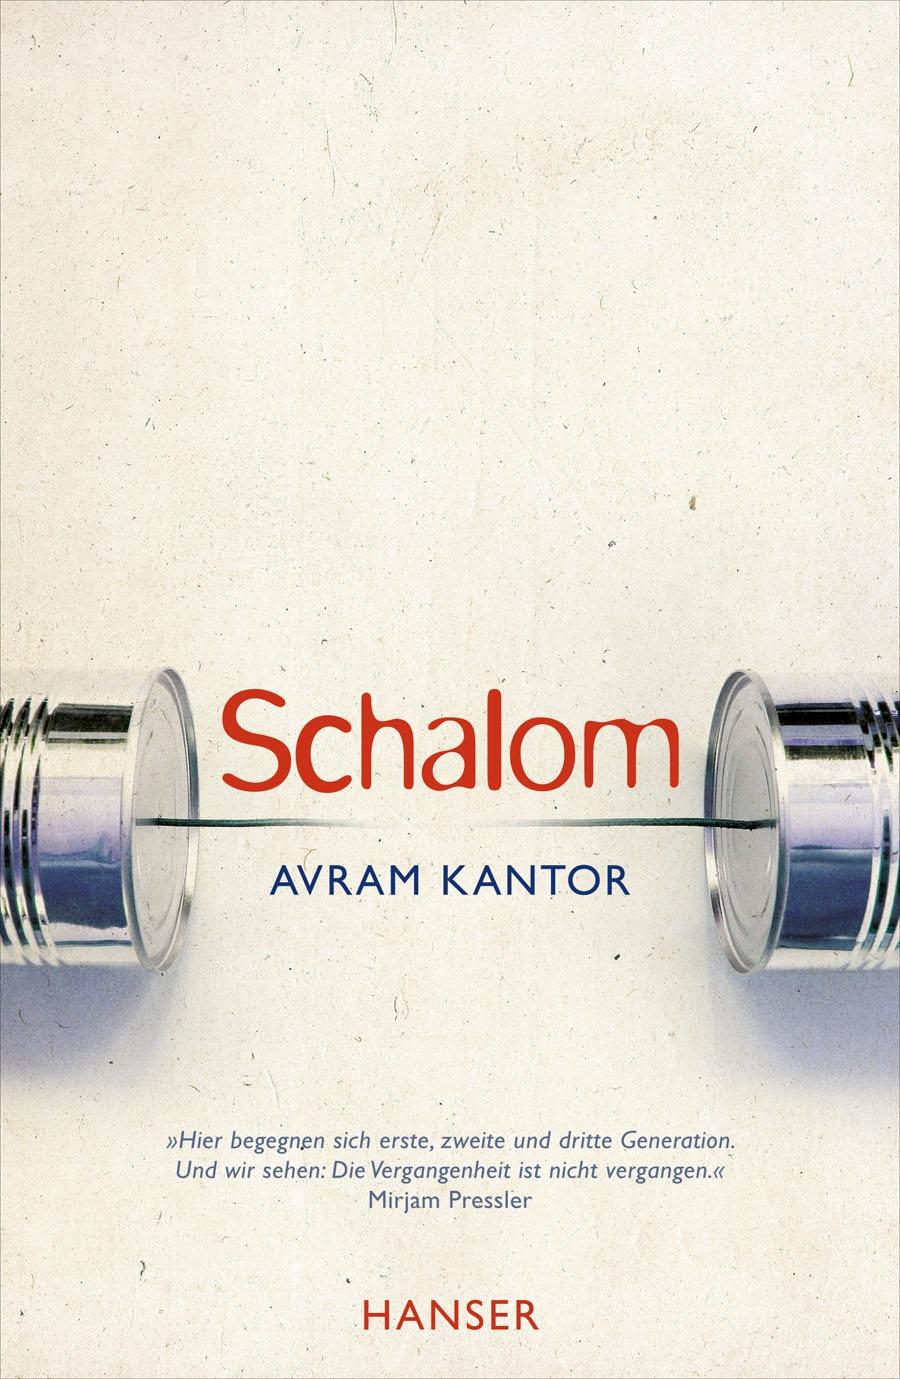 Schalom